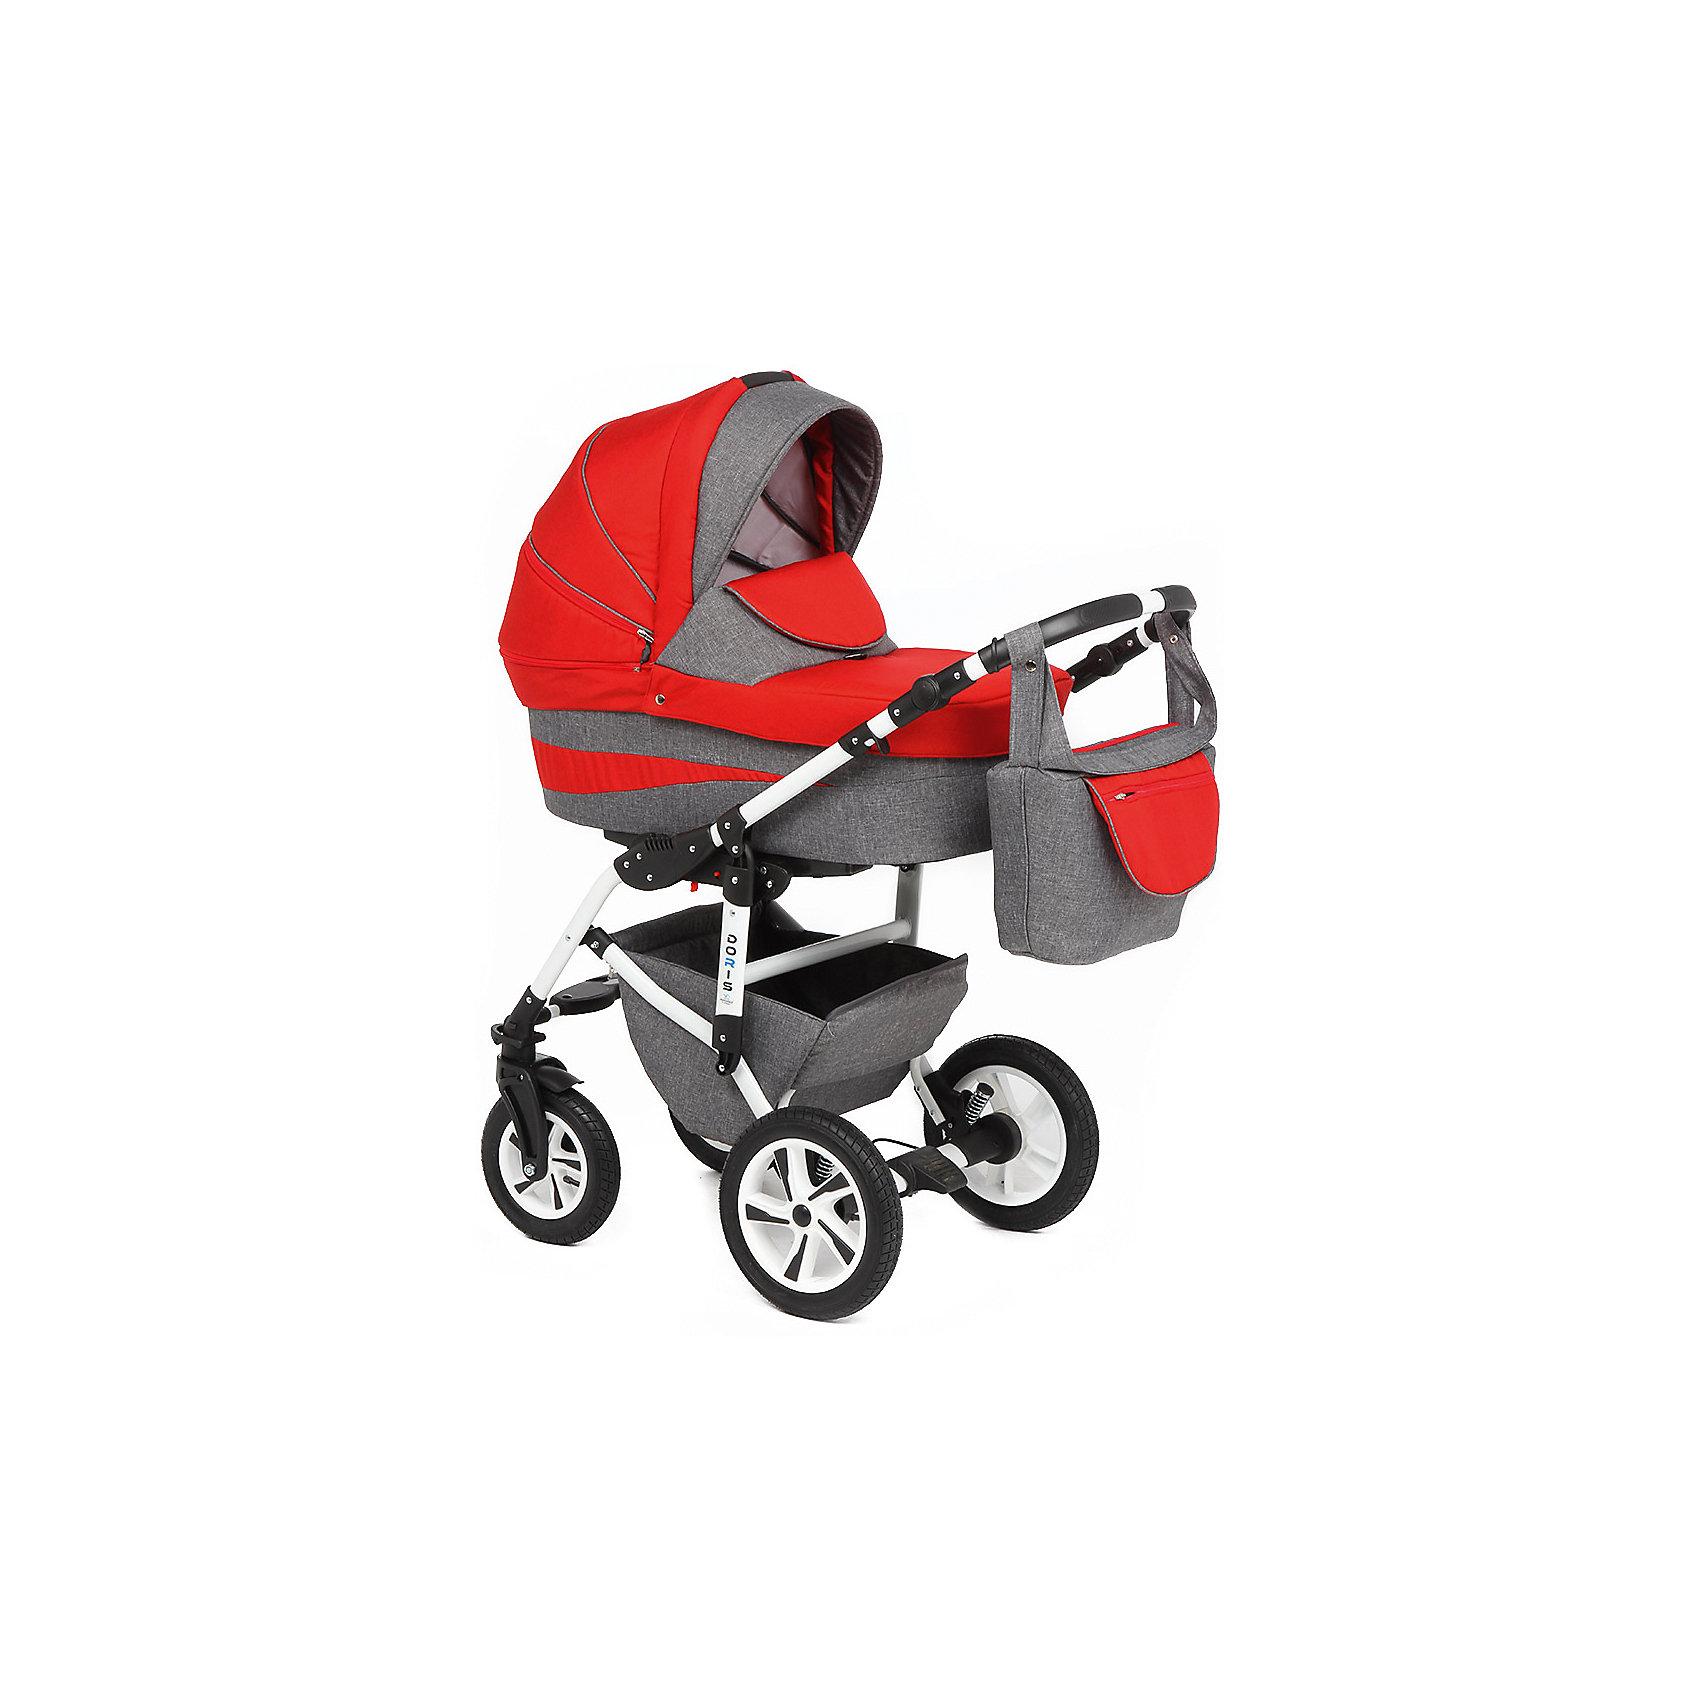 Коляска 2 в 1 DORIS LEN, Marimex, серый-красныйХарактеристики:<br><br>• Наименование: коляска 2 в 1<br>• Сезон: круглый год<br>• Пол: универсальный<br>• Материал: металл, пластик, резина, текстиль<br>• Цвет: серый, красный<br>• Тип колес: надувные<br>• Диаметр передних колес: 25 см<br>• Диаметр задних колес: 31 см<br>• Ширина шасси: 59 см<br>• Механизм складывания: книжка<br>• Амортизация: пружинный механизм<br>• Наличие ремней безопасности<br>• Размеры люльки (Ш*Д*В): 33*75*18 см<br>• Размеры прогулочного блока (Ш*Д*В): 33*91 см<br>• Вес: 15 кг 500 г<br>• Спинка у прогулочного блока регулируемая<br>• Ручка регулируется по высоте<br>• Наличие накидки на ножки<br>• Дополнительно: дождевик, антимоскитная сетка, сумка для детских принадлежностей<br><br>ВНИМАНИЕ!!! Вставки с рисунком на коляске могут отличаться от представленных на фото!<br><br>Коляска 2 в 1 DORIS LEN, Marimex, серый-красный – это коляска, отвечающая всем международным требованиям безопасности для детей возрастом до 3-х лет включительно. Комплектацияколяски предусматривает просторную люльку с твердым днищем и тканевой отделкой из натуральных материалов, обработанных специальным составом, препятствующим проникновению влаги и защитой от ветра. Коляска имеет легкий вес и компактные размеры, достаточно легко складывается и меняется на прогулочный блок. Передние поворотные колеса и пружинная амортизация обеспечивают плавный ход коляски даже по неровным дорогам. Коляска выполнена в ярком модном дизайне. <br><br>Коляску 2 в 1 DORIS LEN, Marimex, серый-красный можно купить в нашем интернет-магазине.<br><br>Ширина мм: 1100<br>Глубина мм: 620<br>Высота мм: 400<br>Вес г: 24000<br>Возраст от месяцев: 0<br>Возраст до месяцев: 36<br>Пол: Унисекс<br>Возраст: Детский<br>SKU: 5120621